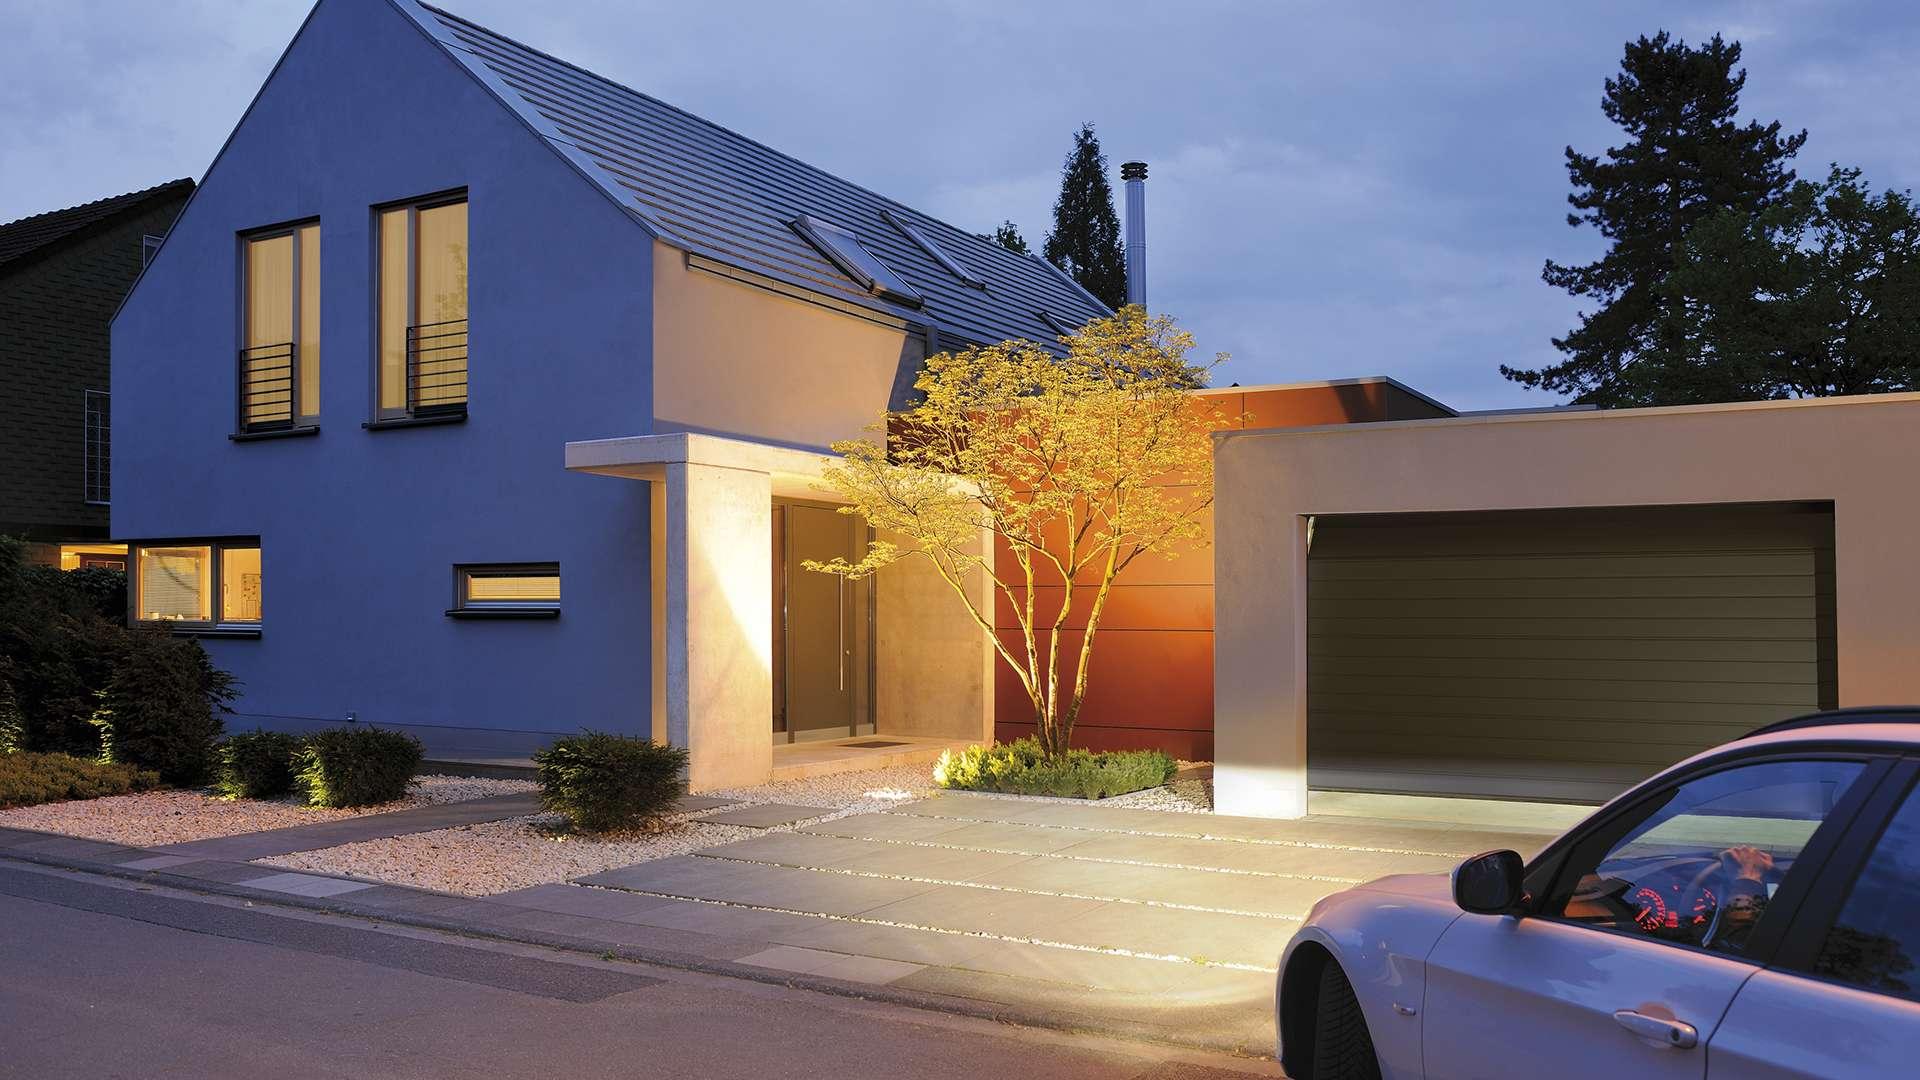 Modernes Wohnhaus mit Sektional-Garagentor bei Dämmerung